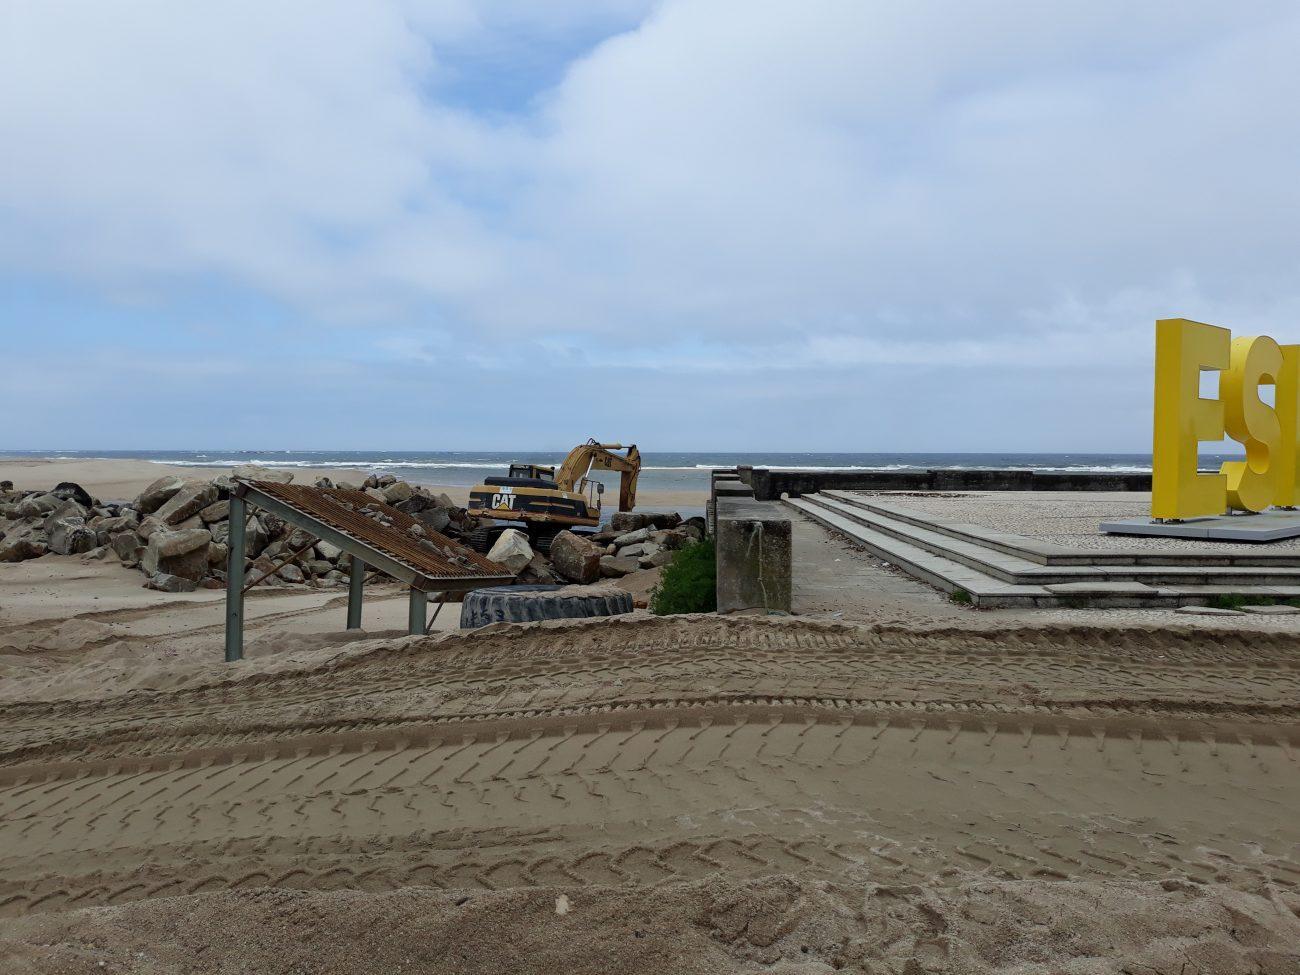 REGIÃO - Prossegue alimentação artificial de areias nas praias de Suave Mar e Cepães em Esposende